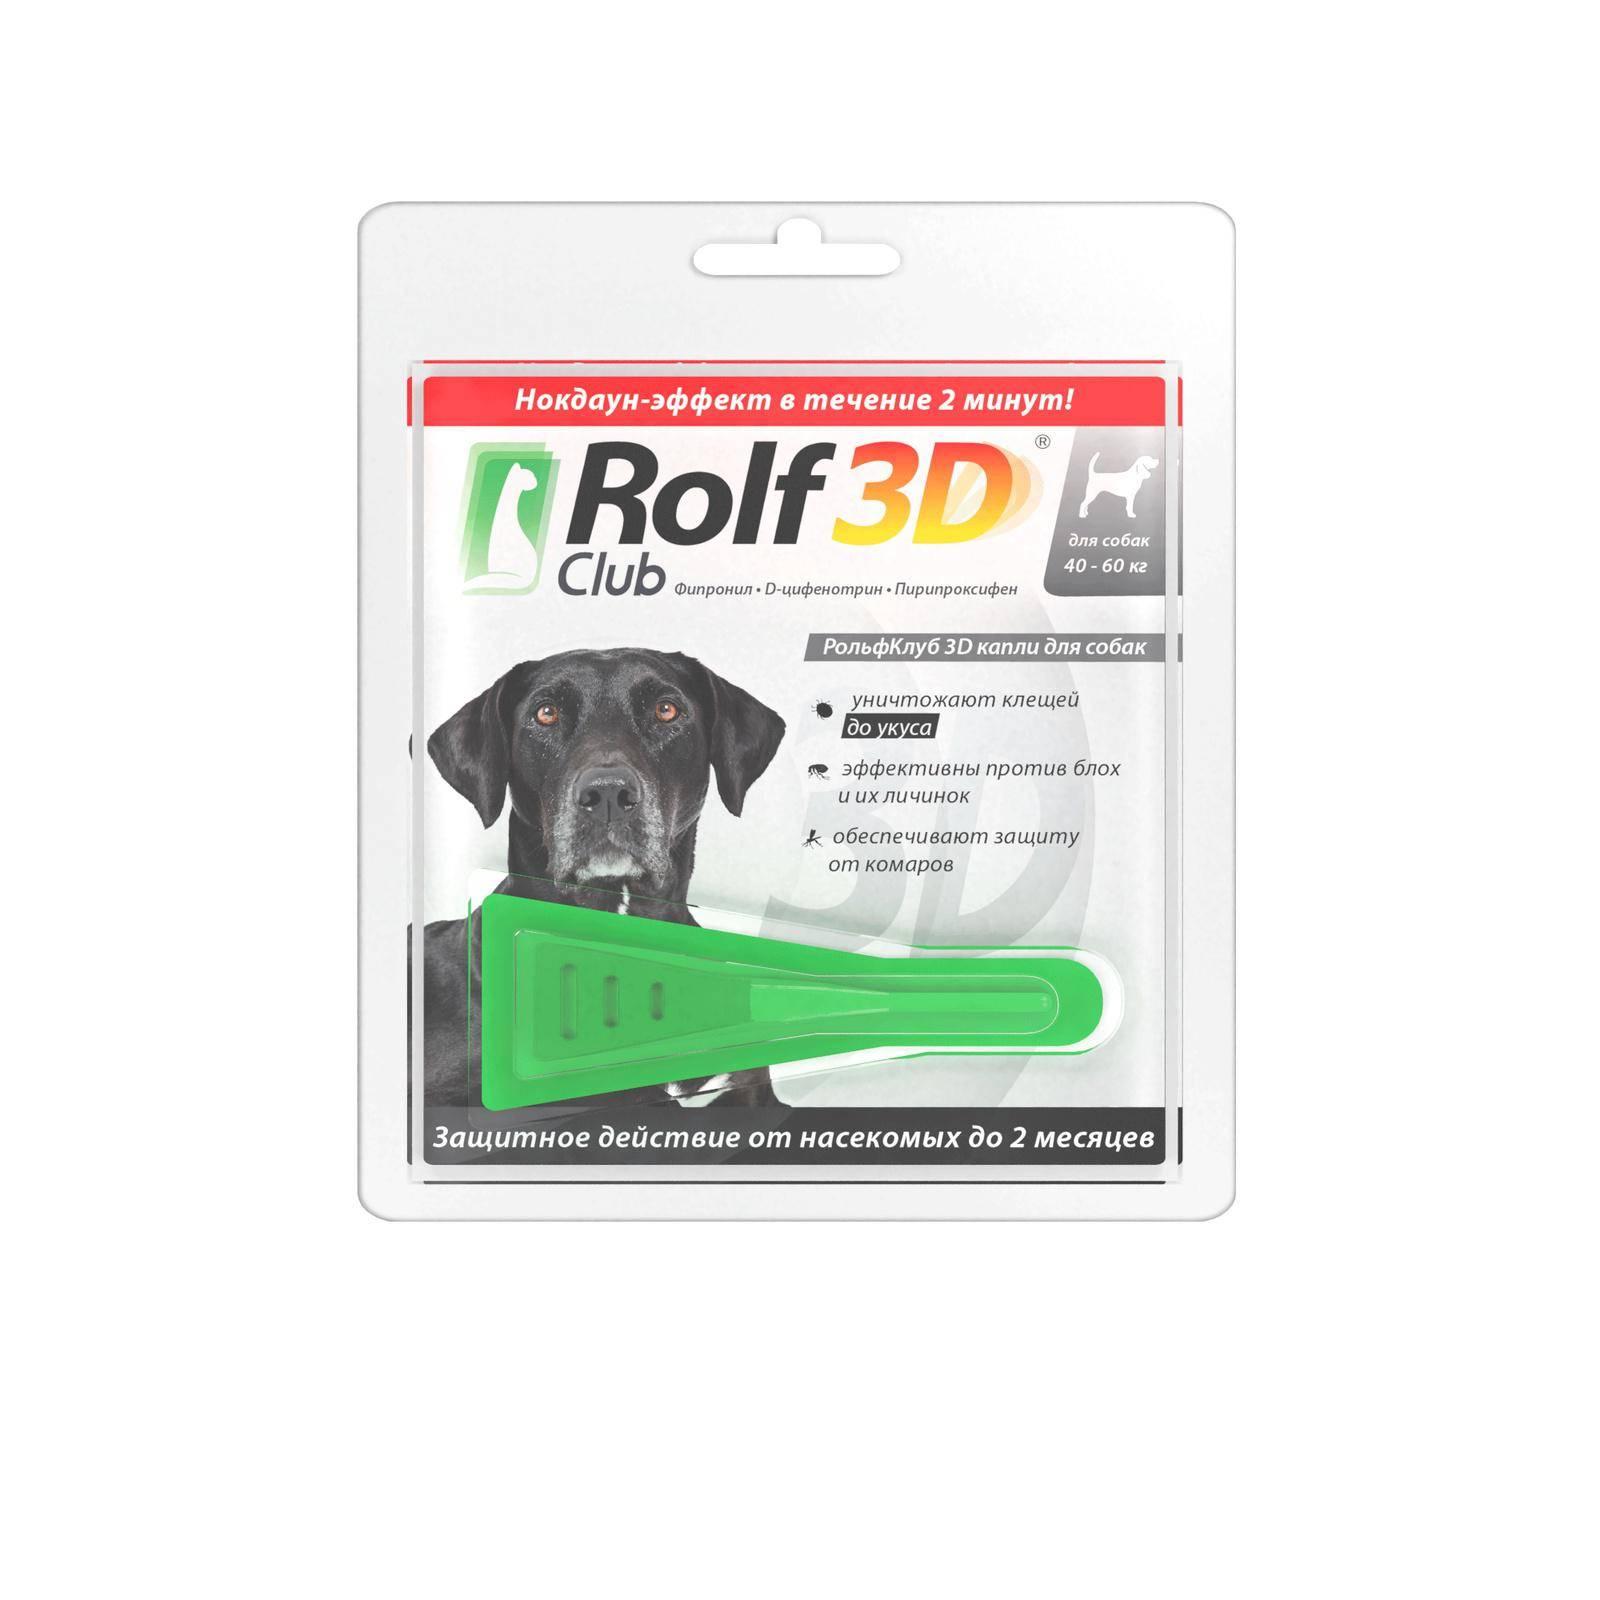 Рольф капли для кошек (rolf 3d club): инструкция по применению